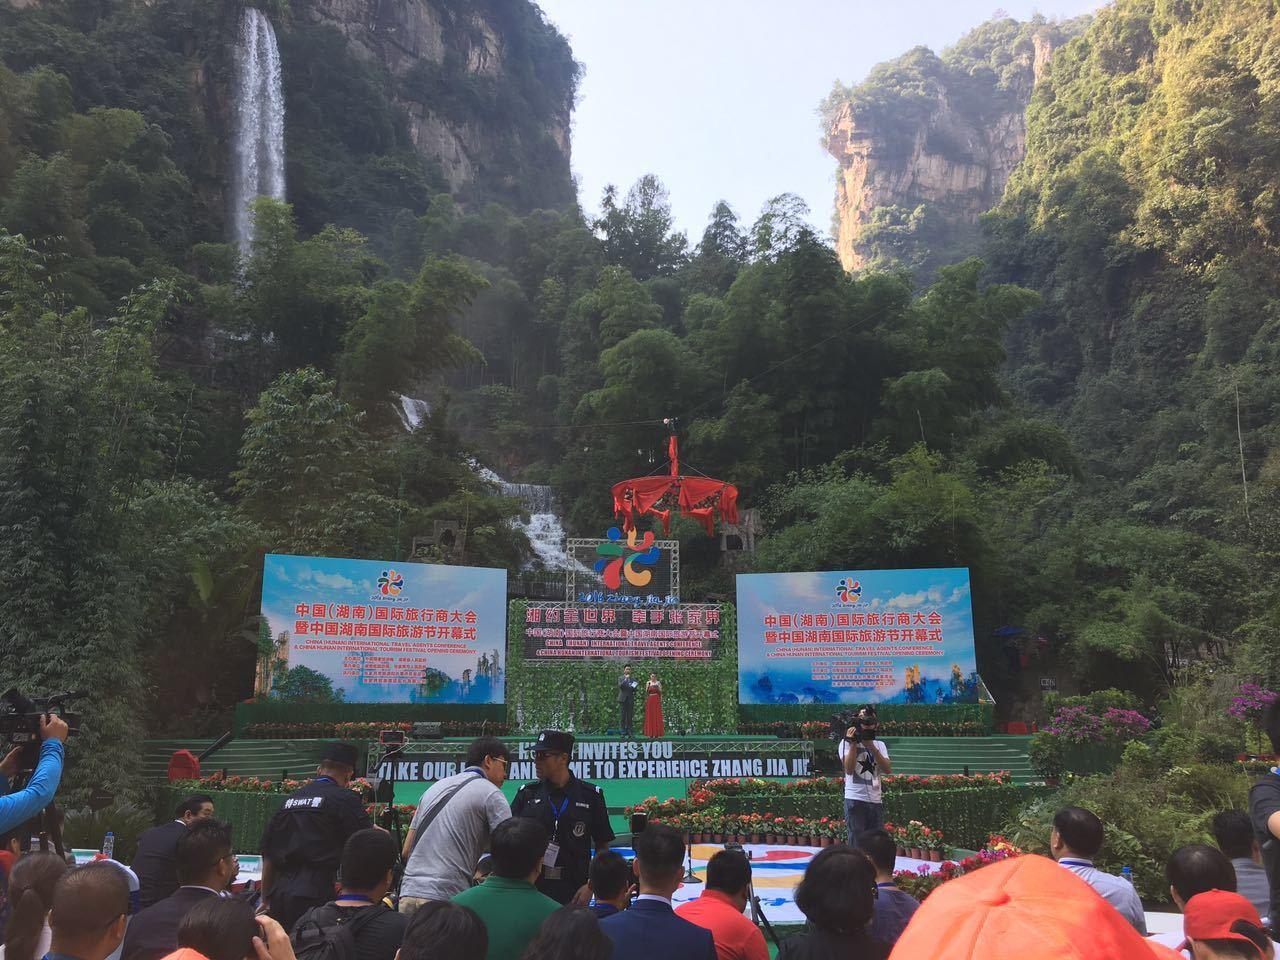 2016年中国湖南国际旅游节,今天上午在张家界隆重开幕!_d0027795_11265580.jpeg